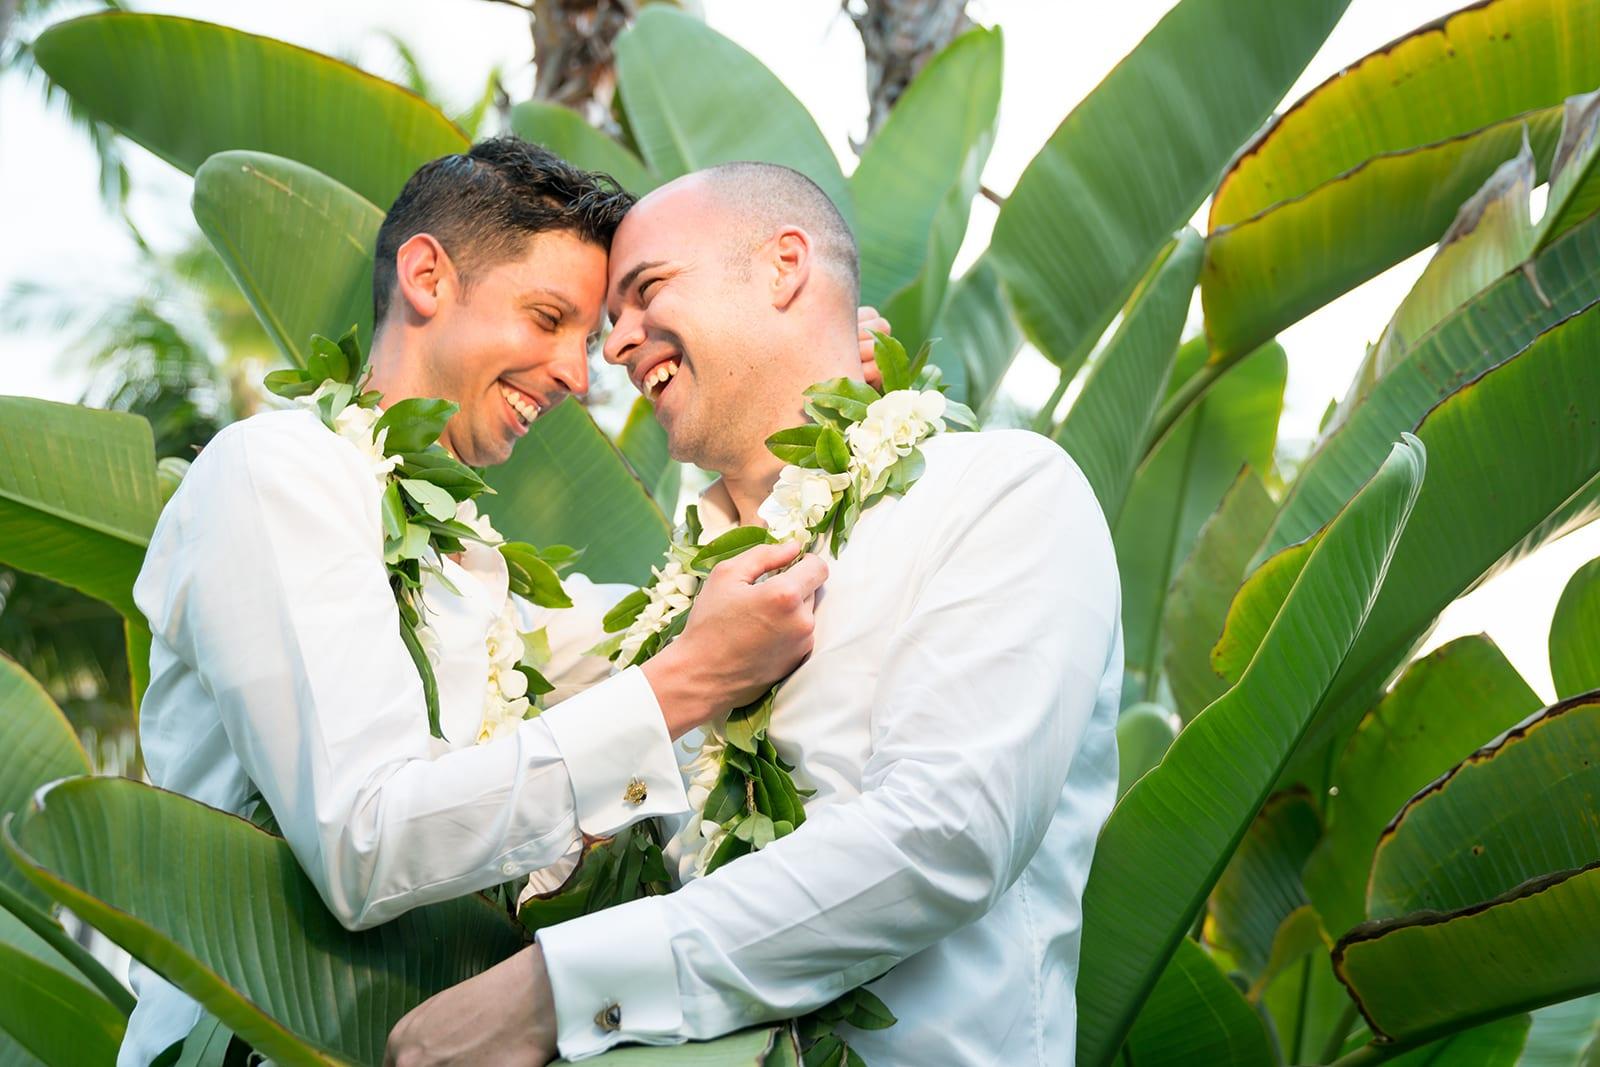 Hawaii-Wedding-Photographer-Tropical-LGBT-Love-Elopement.jpg